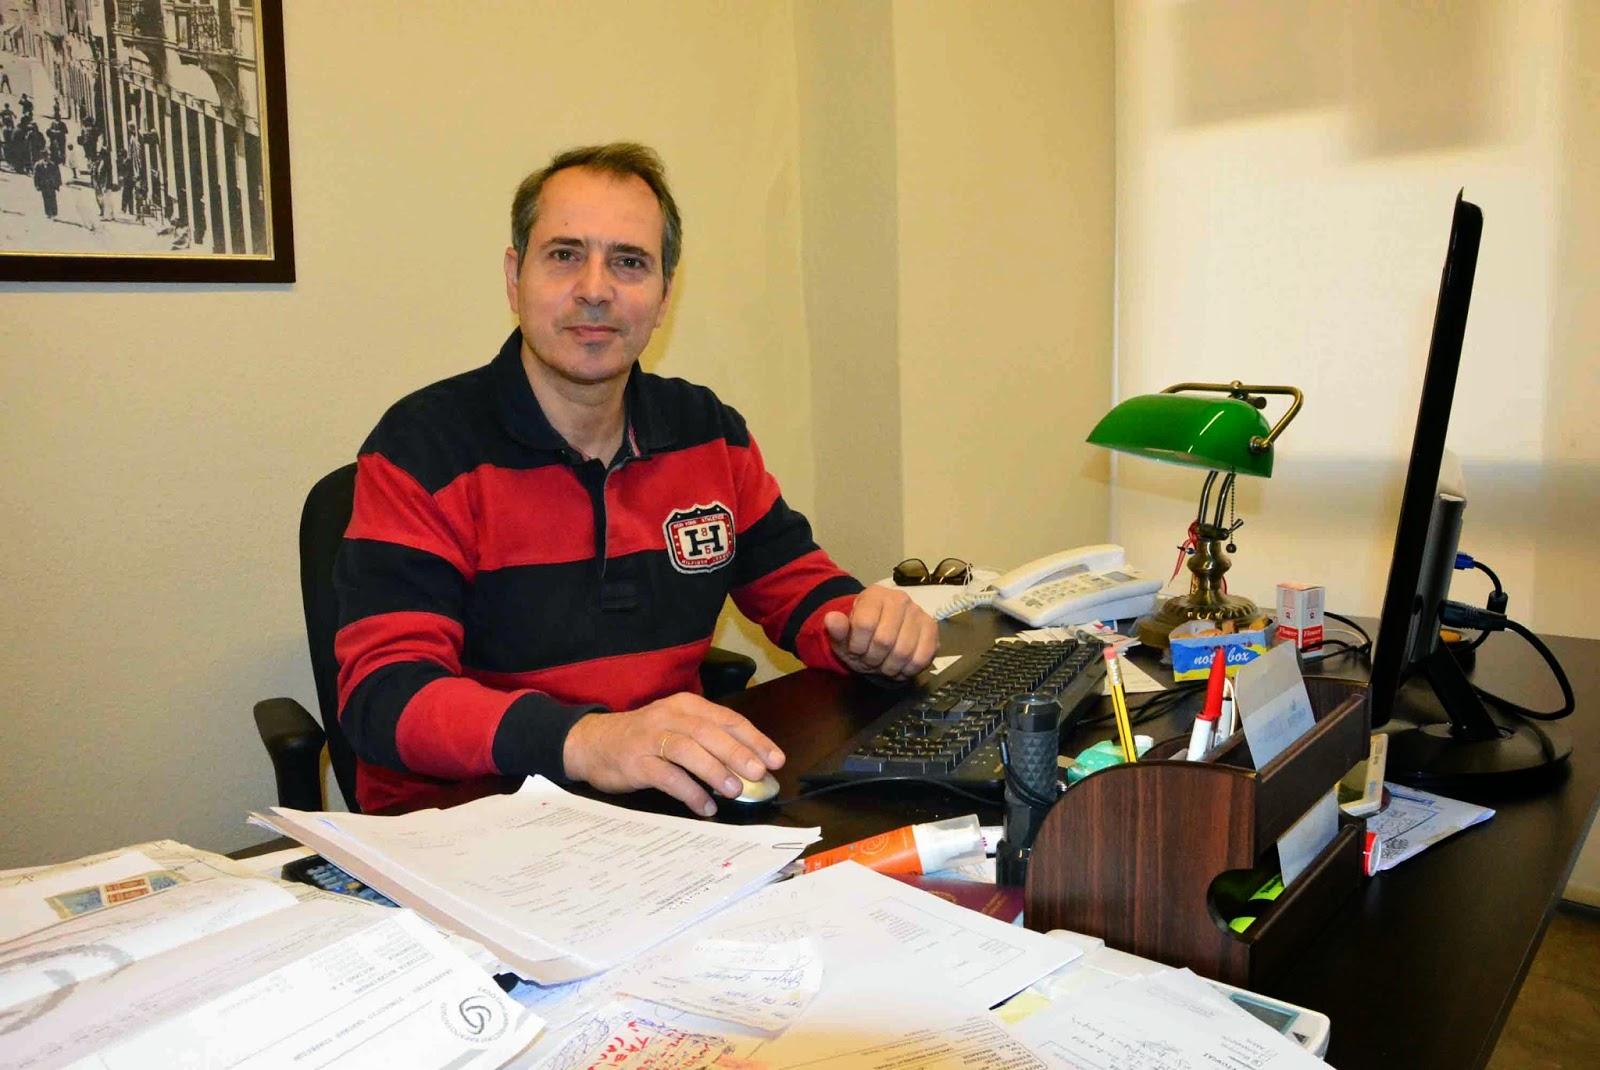 Θανάσης Μουίκης: «Τα παιδιά έδειξαν και φέτος την αγάπη και την αφοσίωσή τους στον ΑΣΚ»